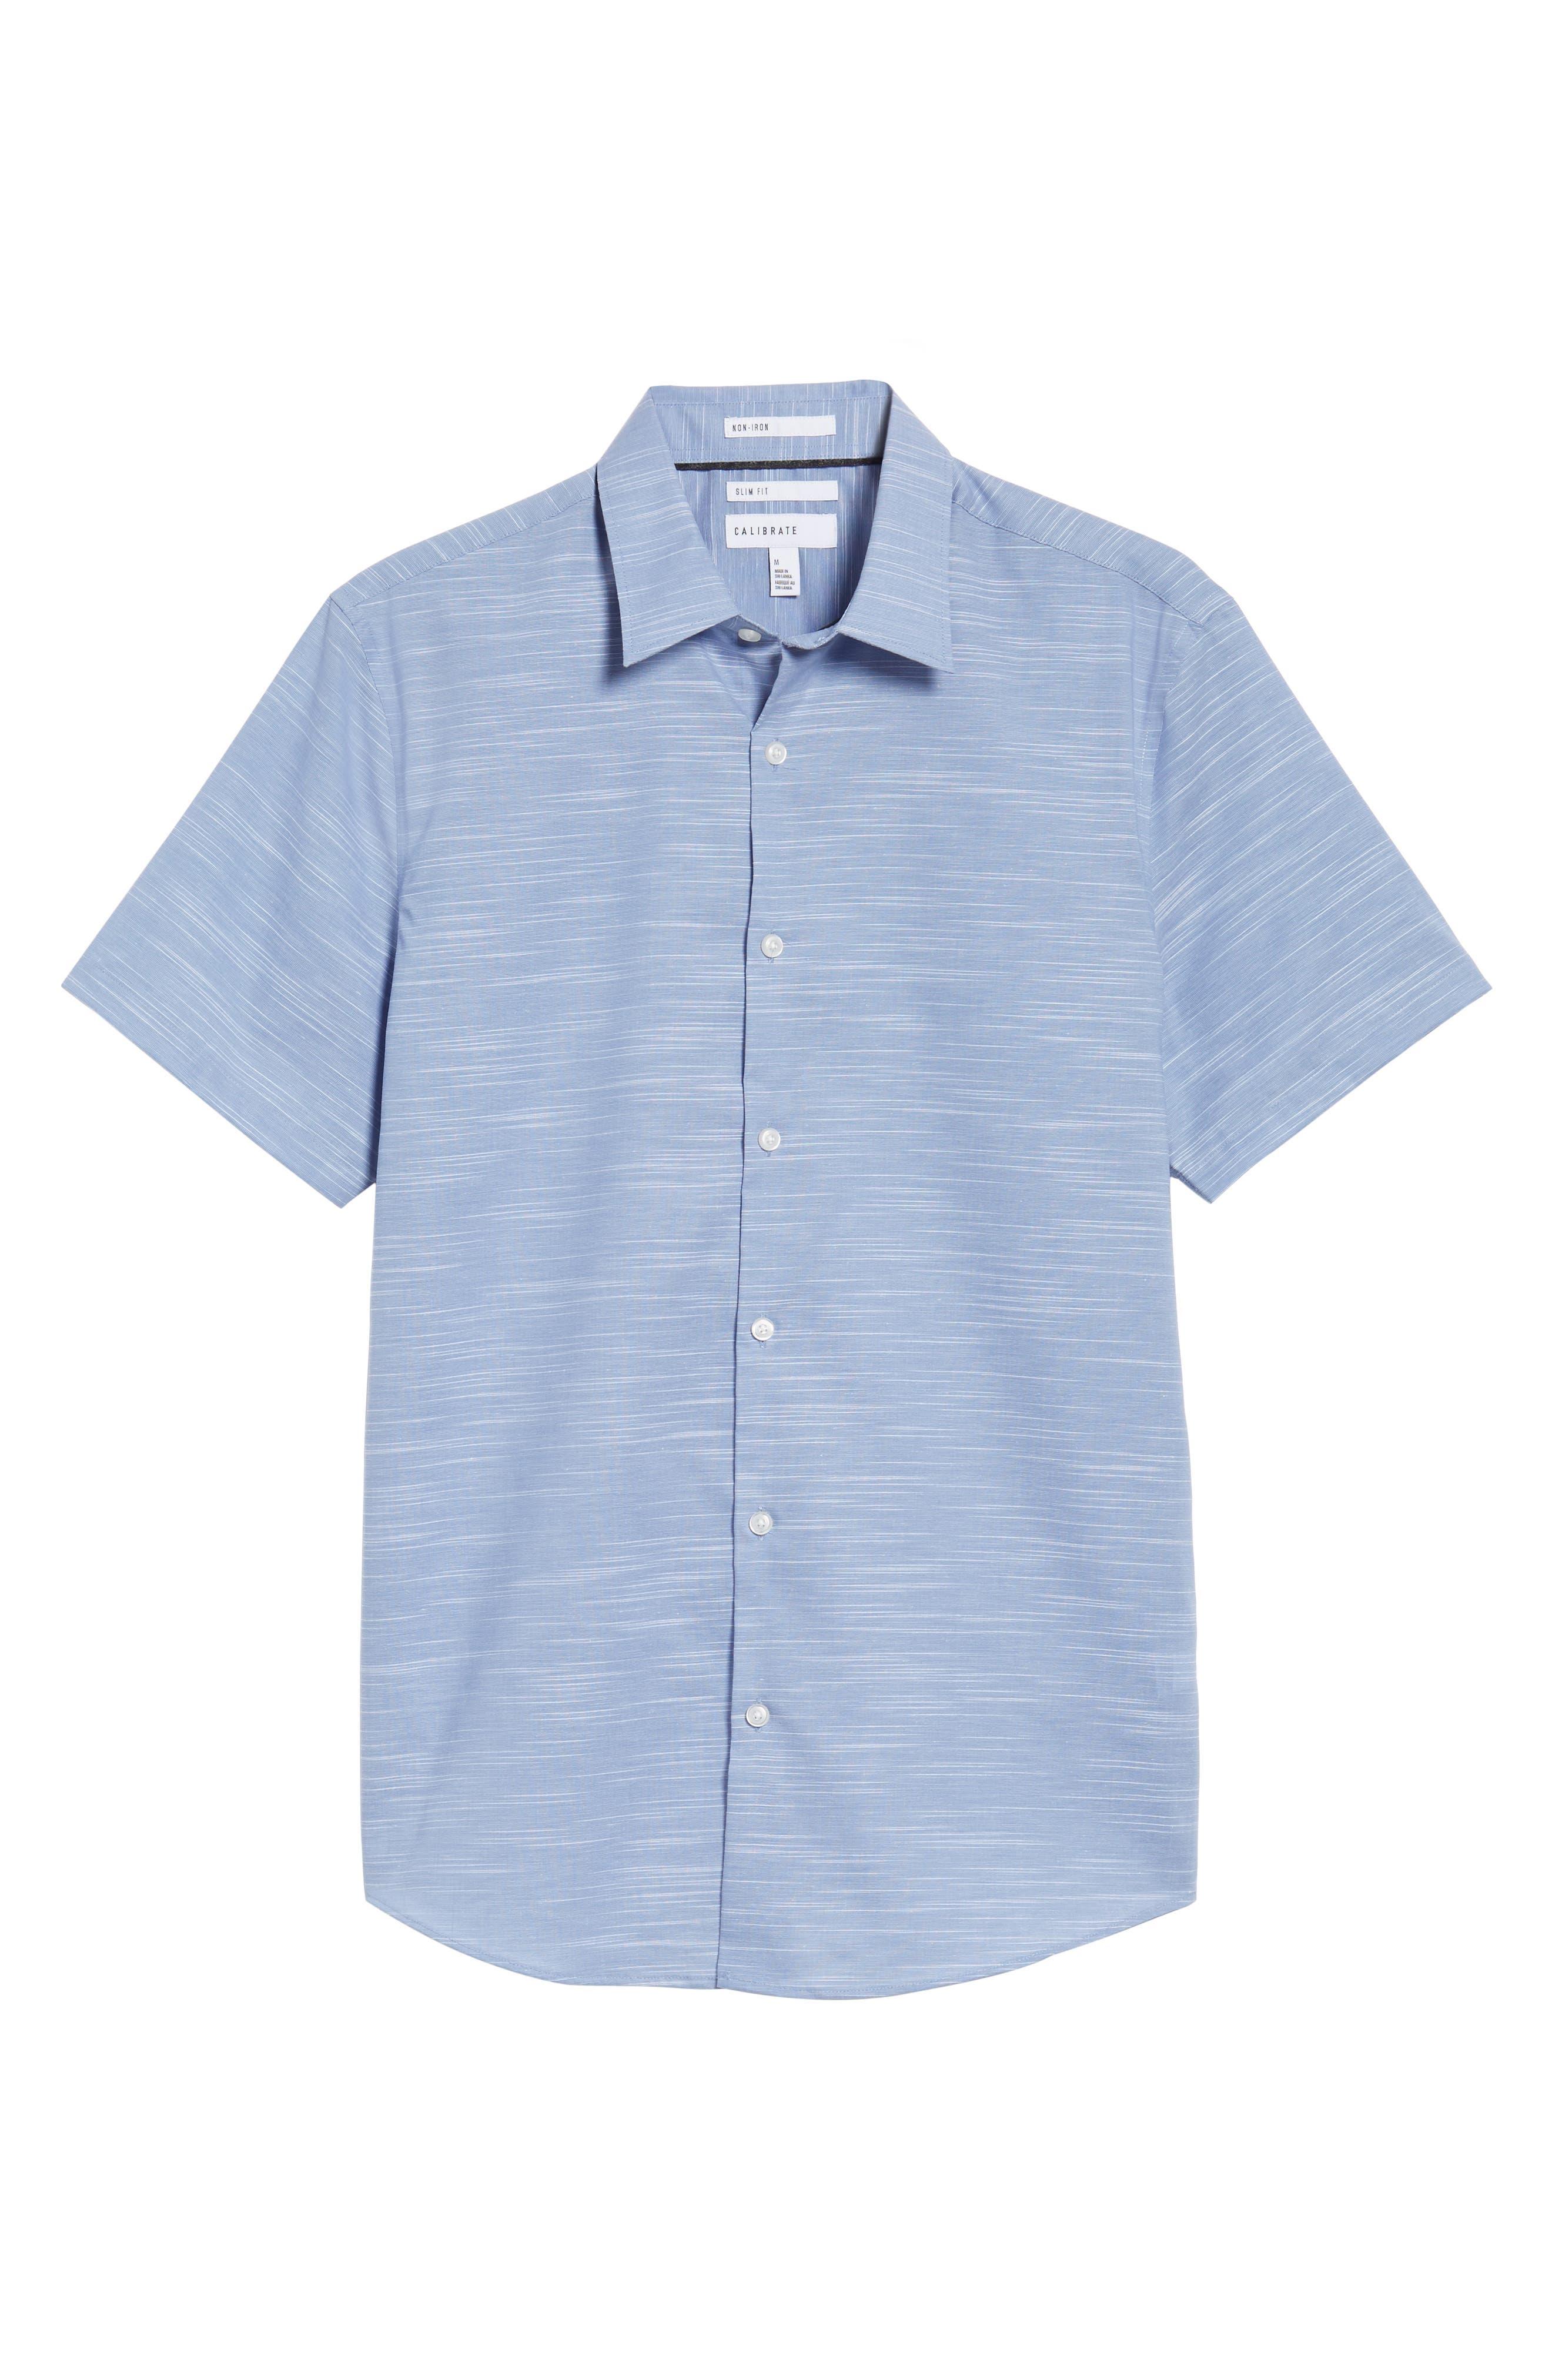 Calilbrate Slim Fit Slub Woven Shirt,                             Alternate thumbnail 17, color,